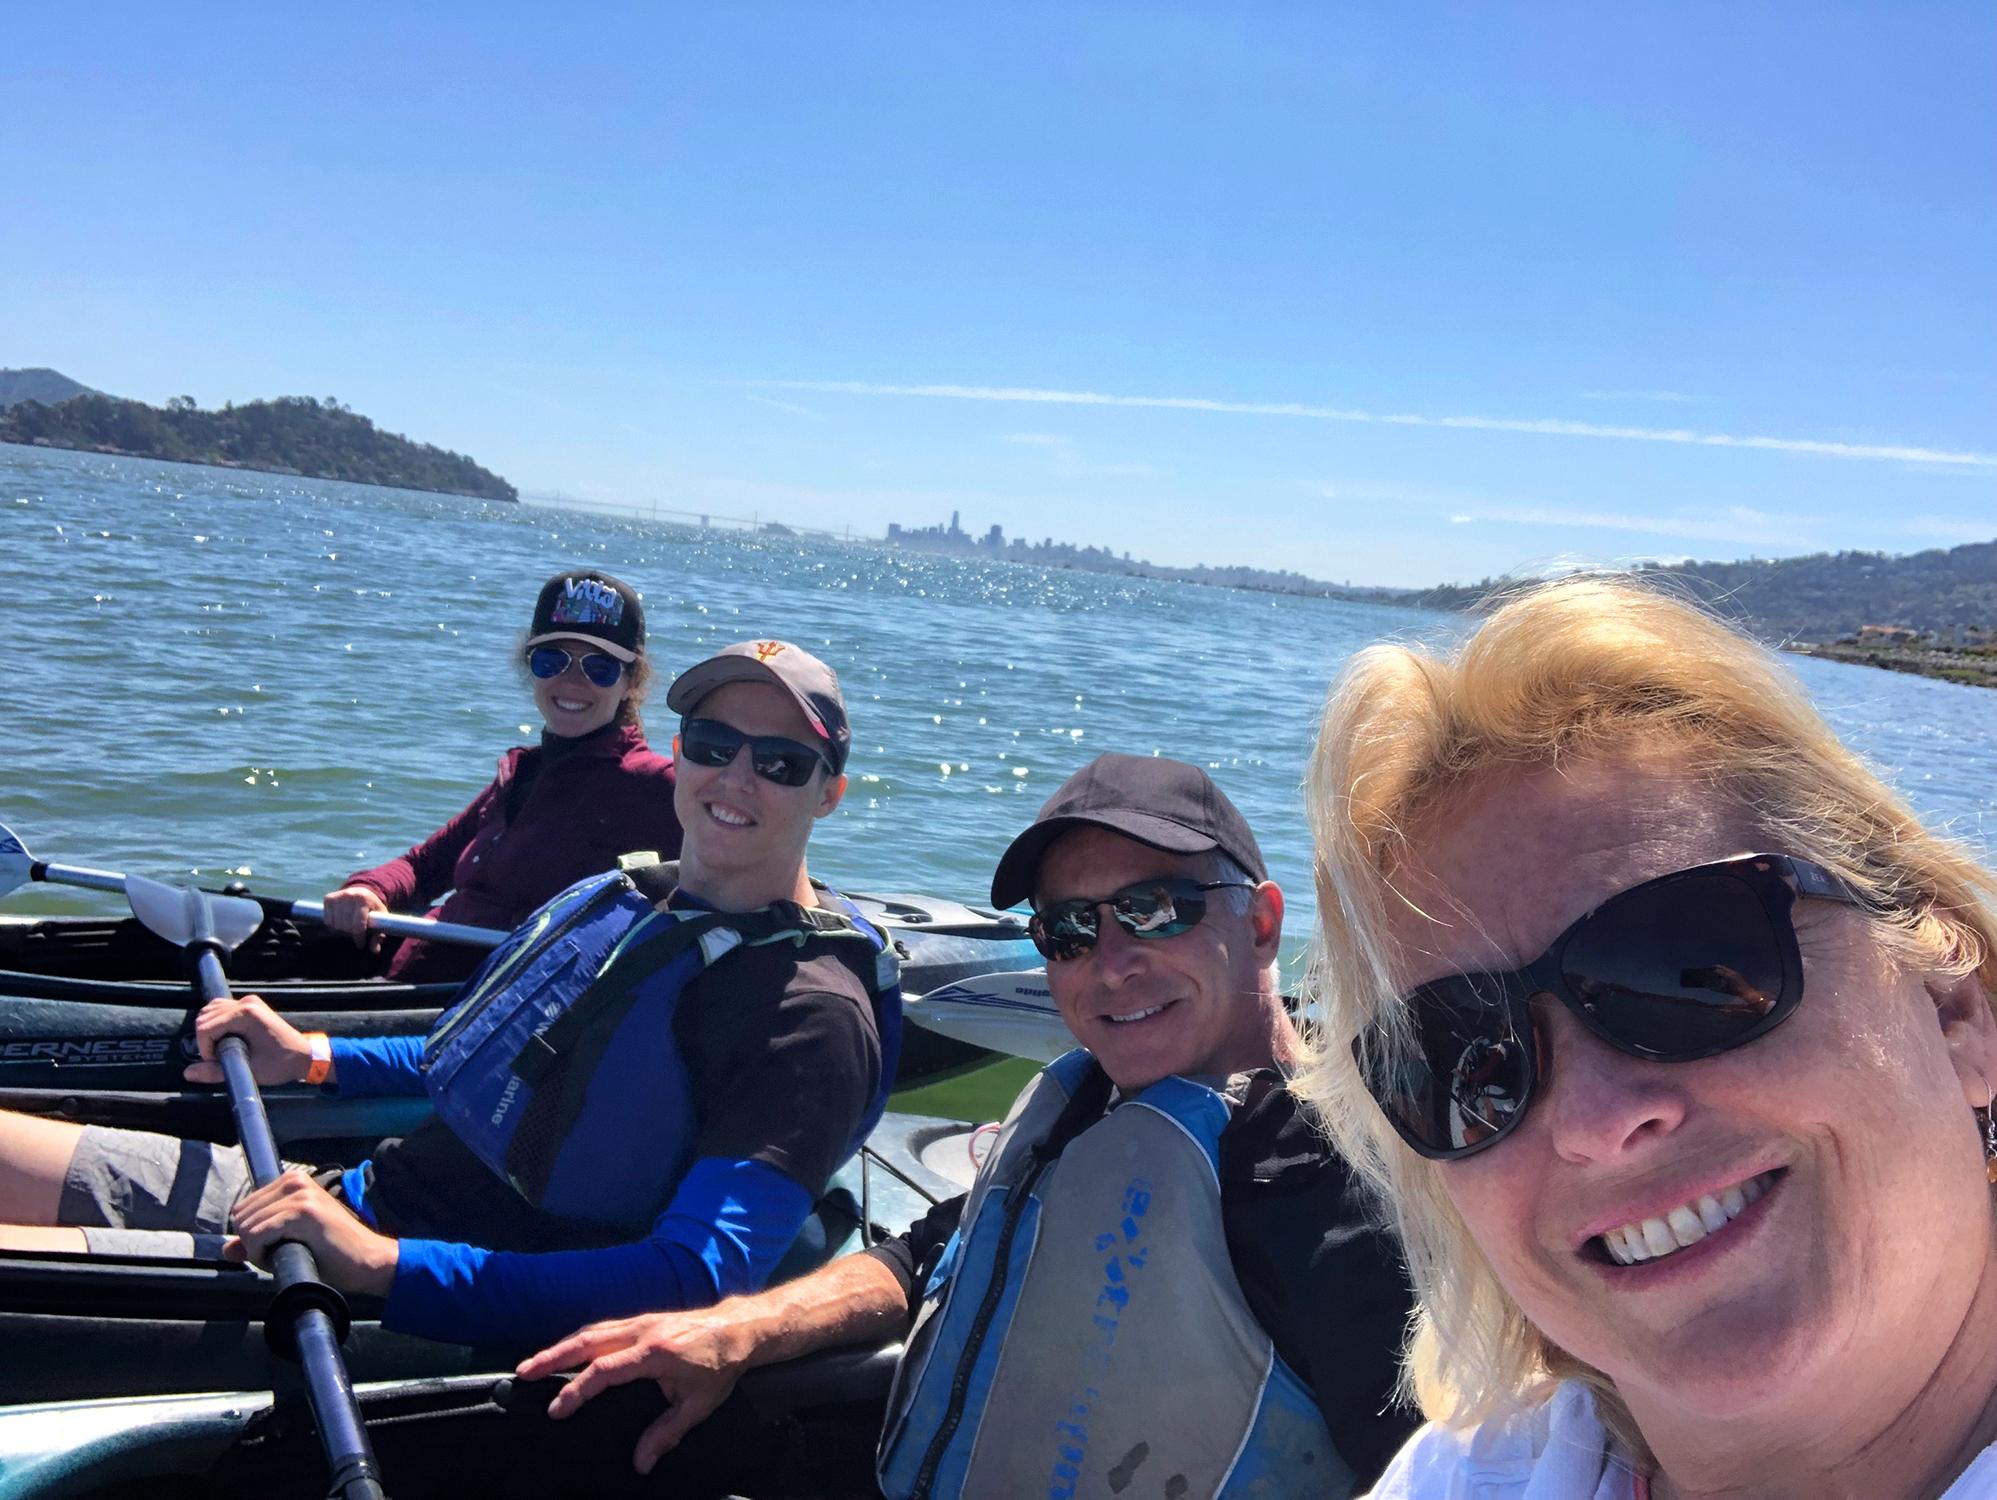 2019-beckers4_SF-bay_kayak_dana-jae-dave-cheryl.jpg